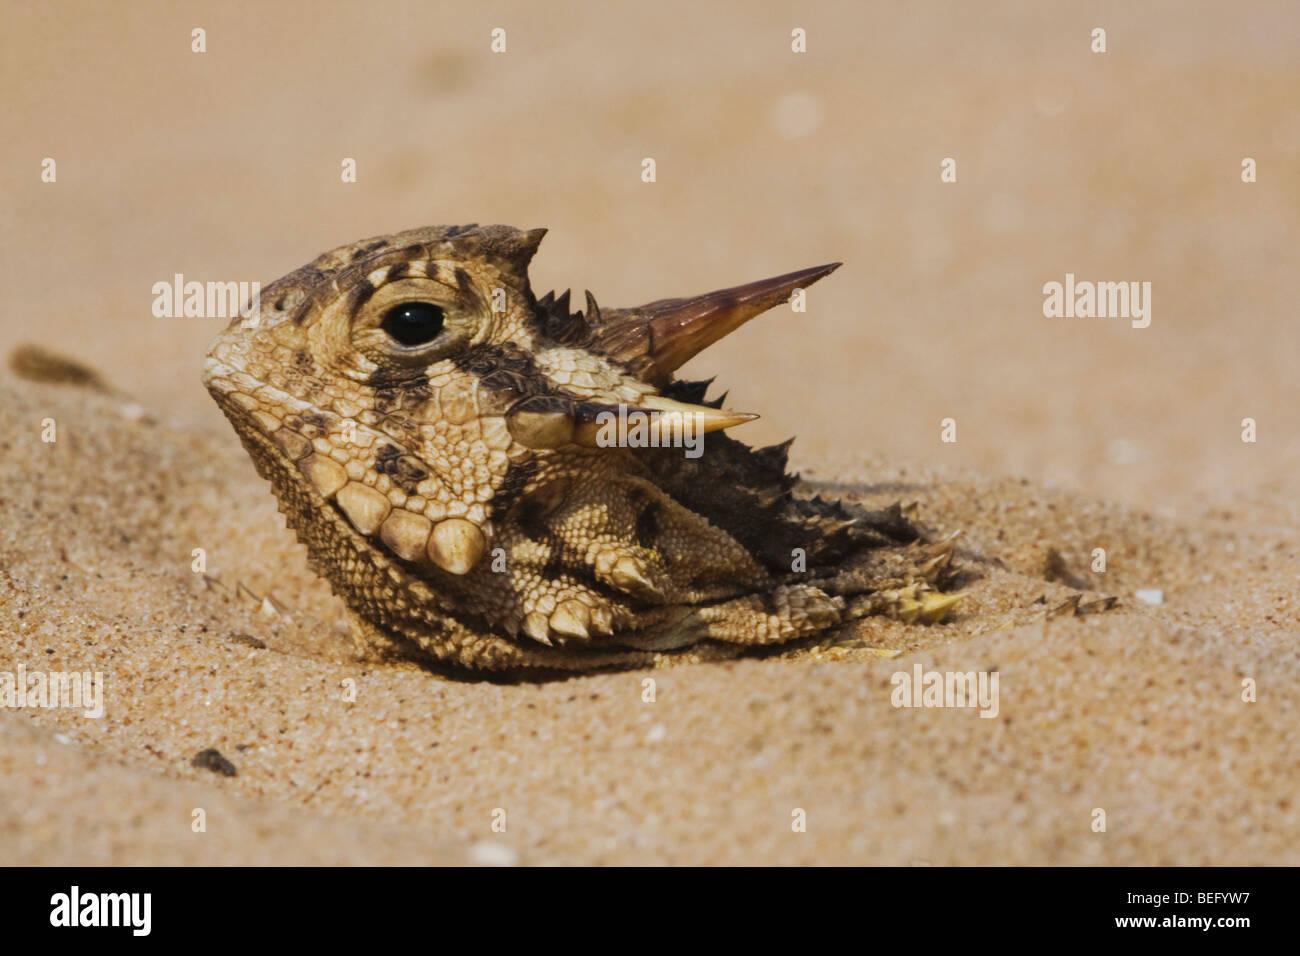 Texas-Krötenechsen (Phrynosoma Cornutum), Erwachsene, versteckt im Sand, Rio Grande Valley, Texas, USA Stockbild